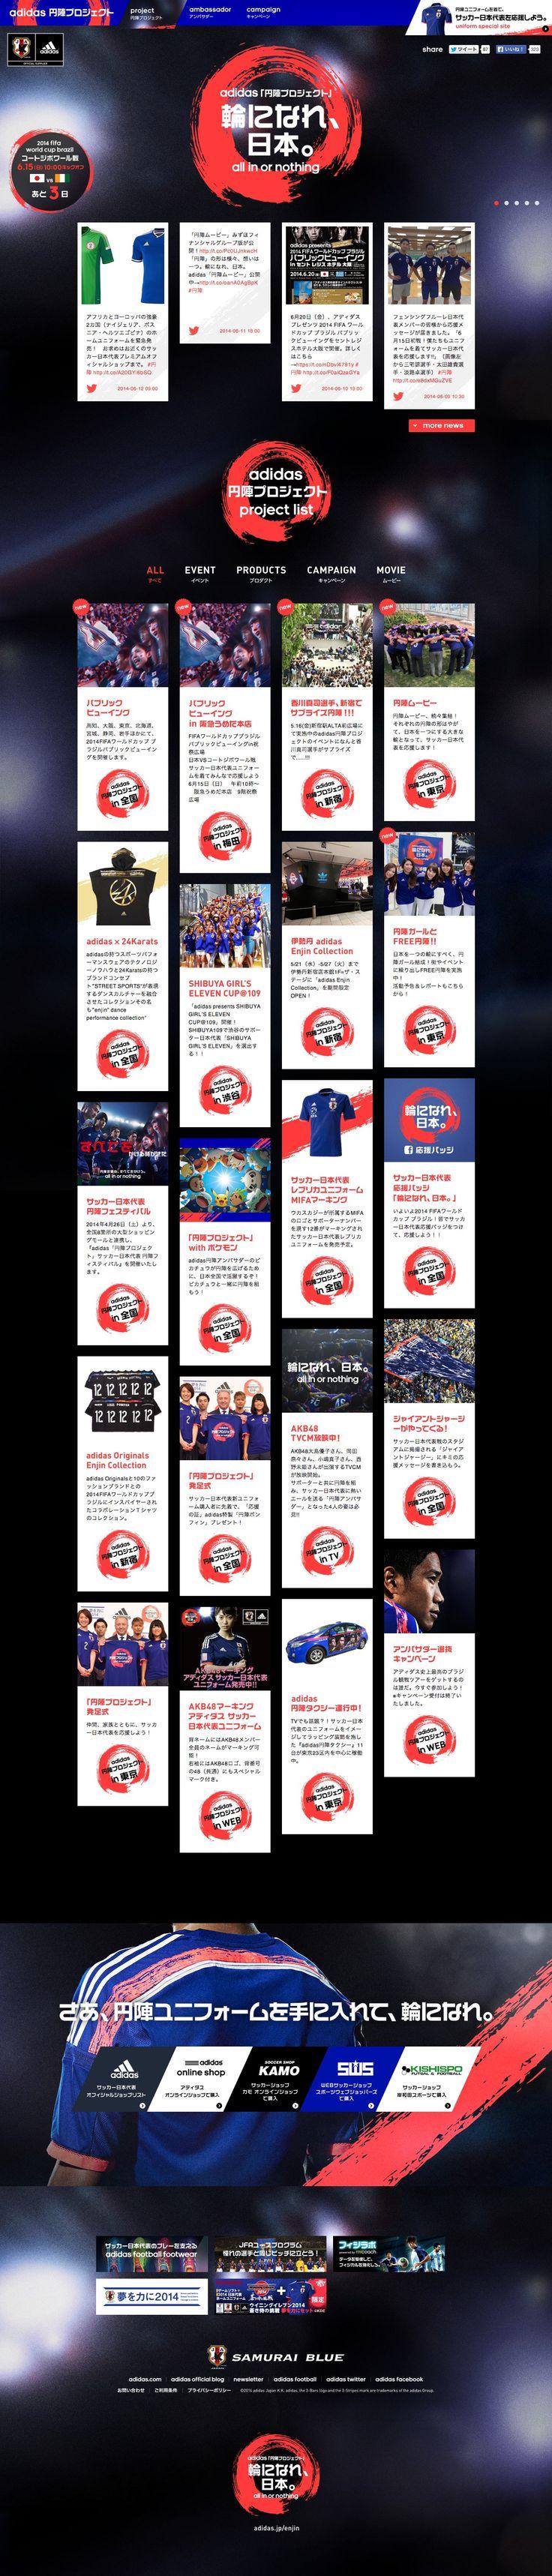 adidas 円陣プロジェクト 輪になれ、日本。 : 81-web.com